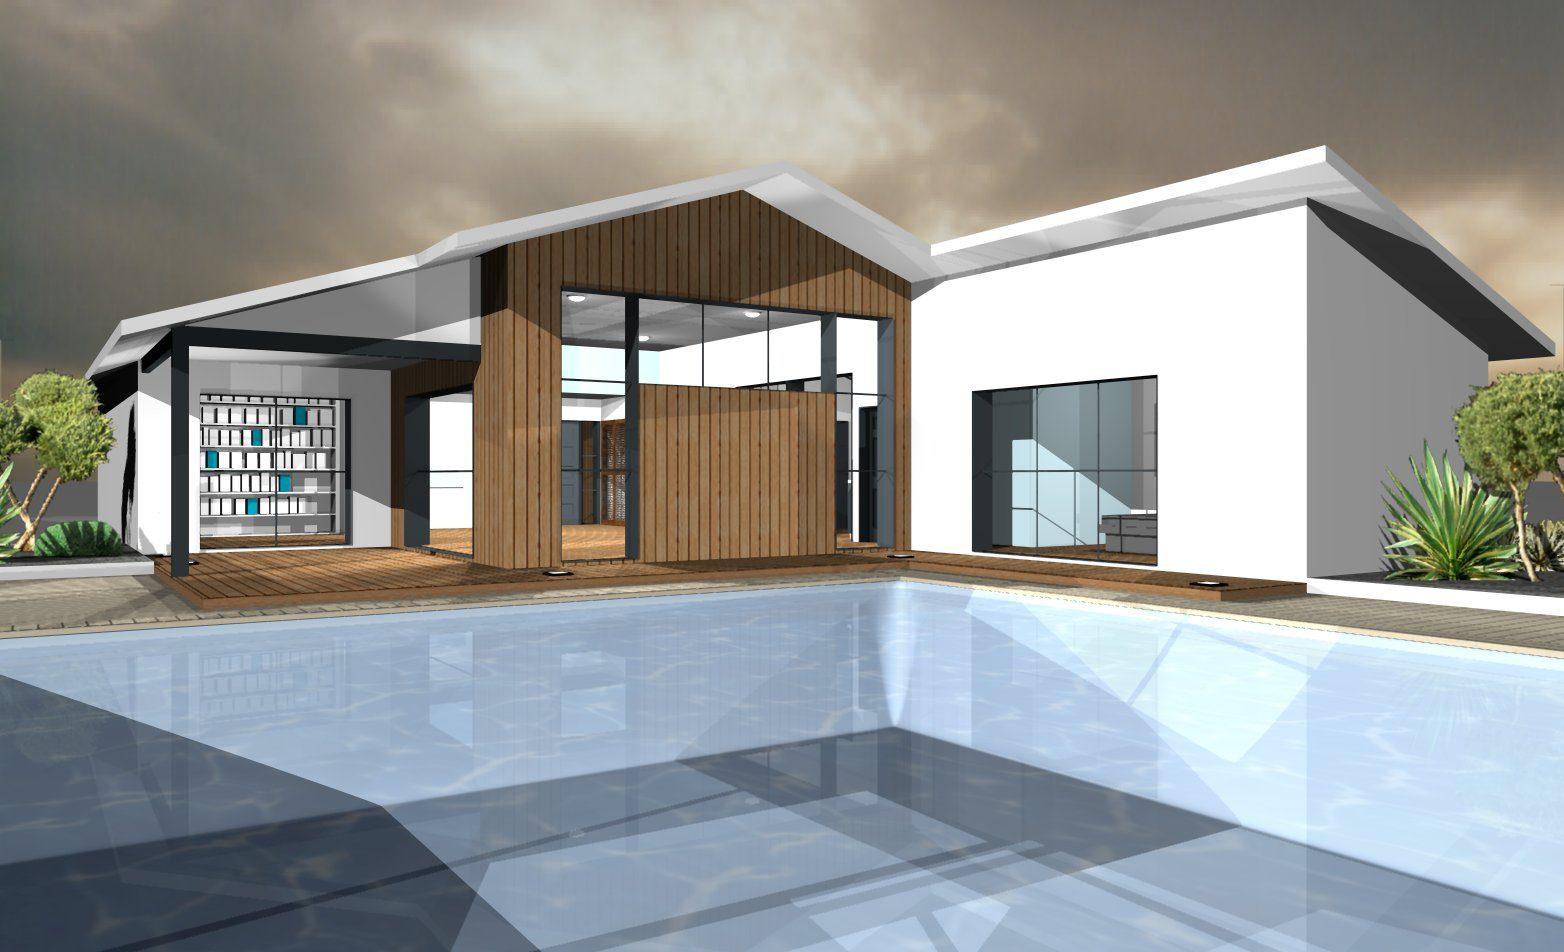 mod les et plans de maisons mod le de plain pied loft constructions demeures c te argent. Black Bedroom Furniture Sets. Home Design Ideas